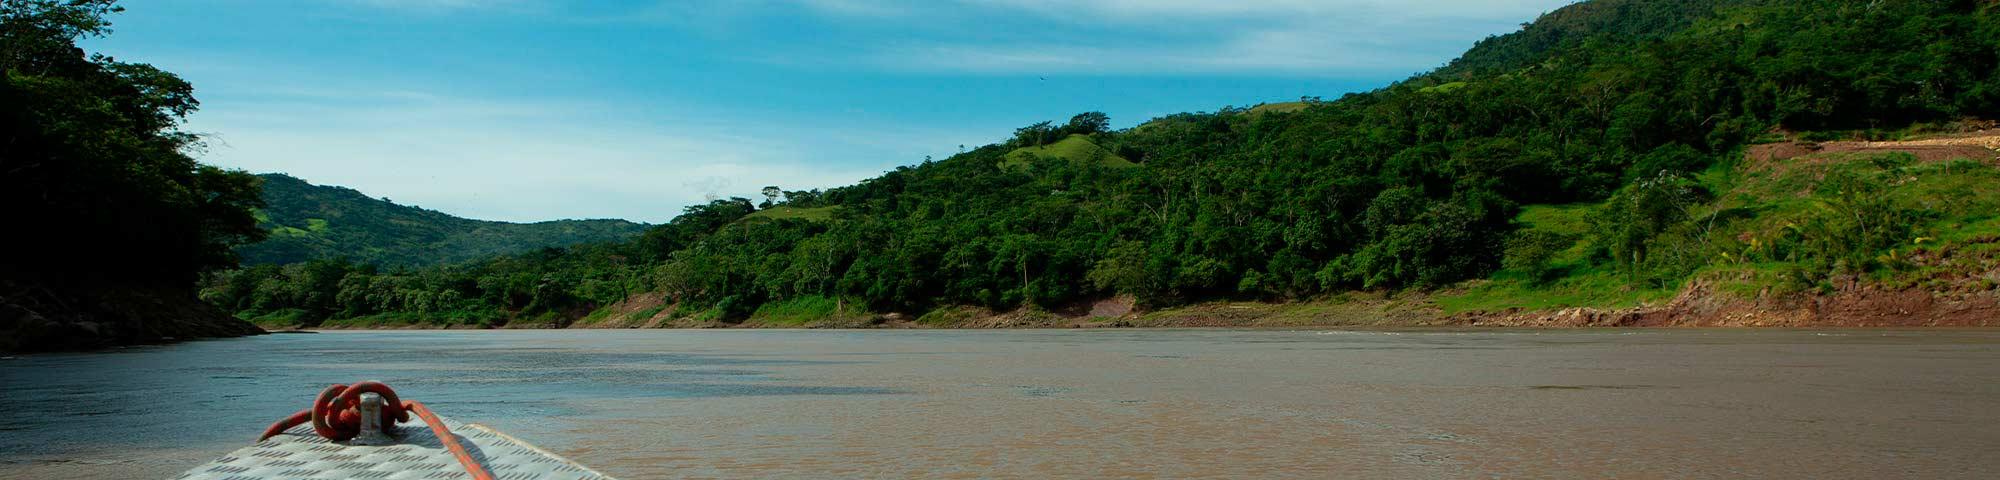 Transformers en Perú: Estos son los lugares turísticos de San Martín donde se filma la película